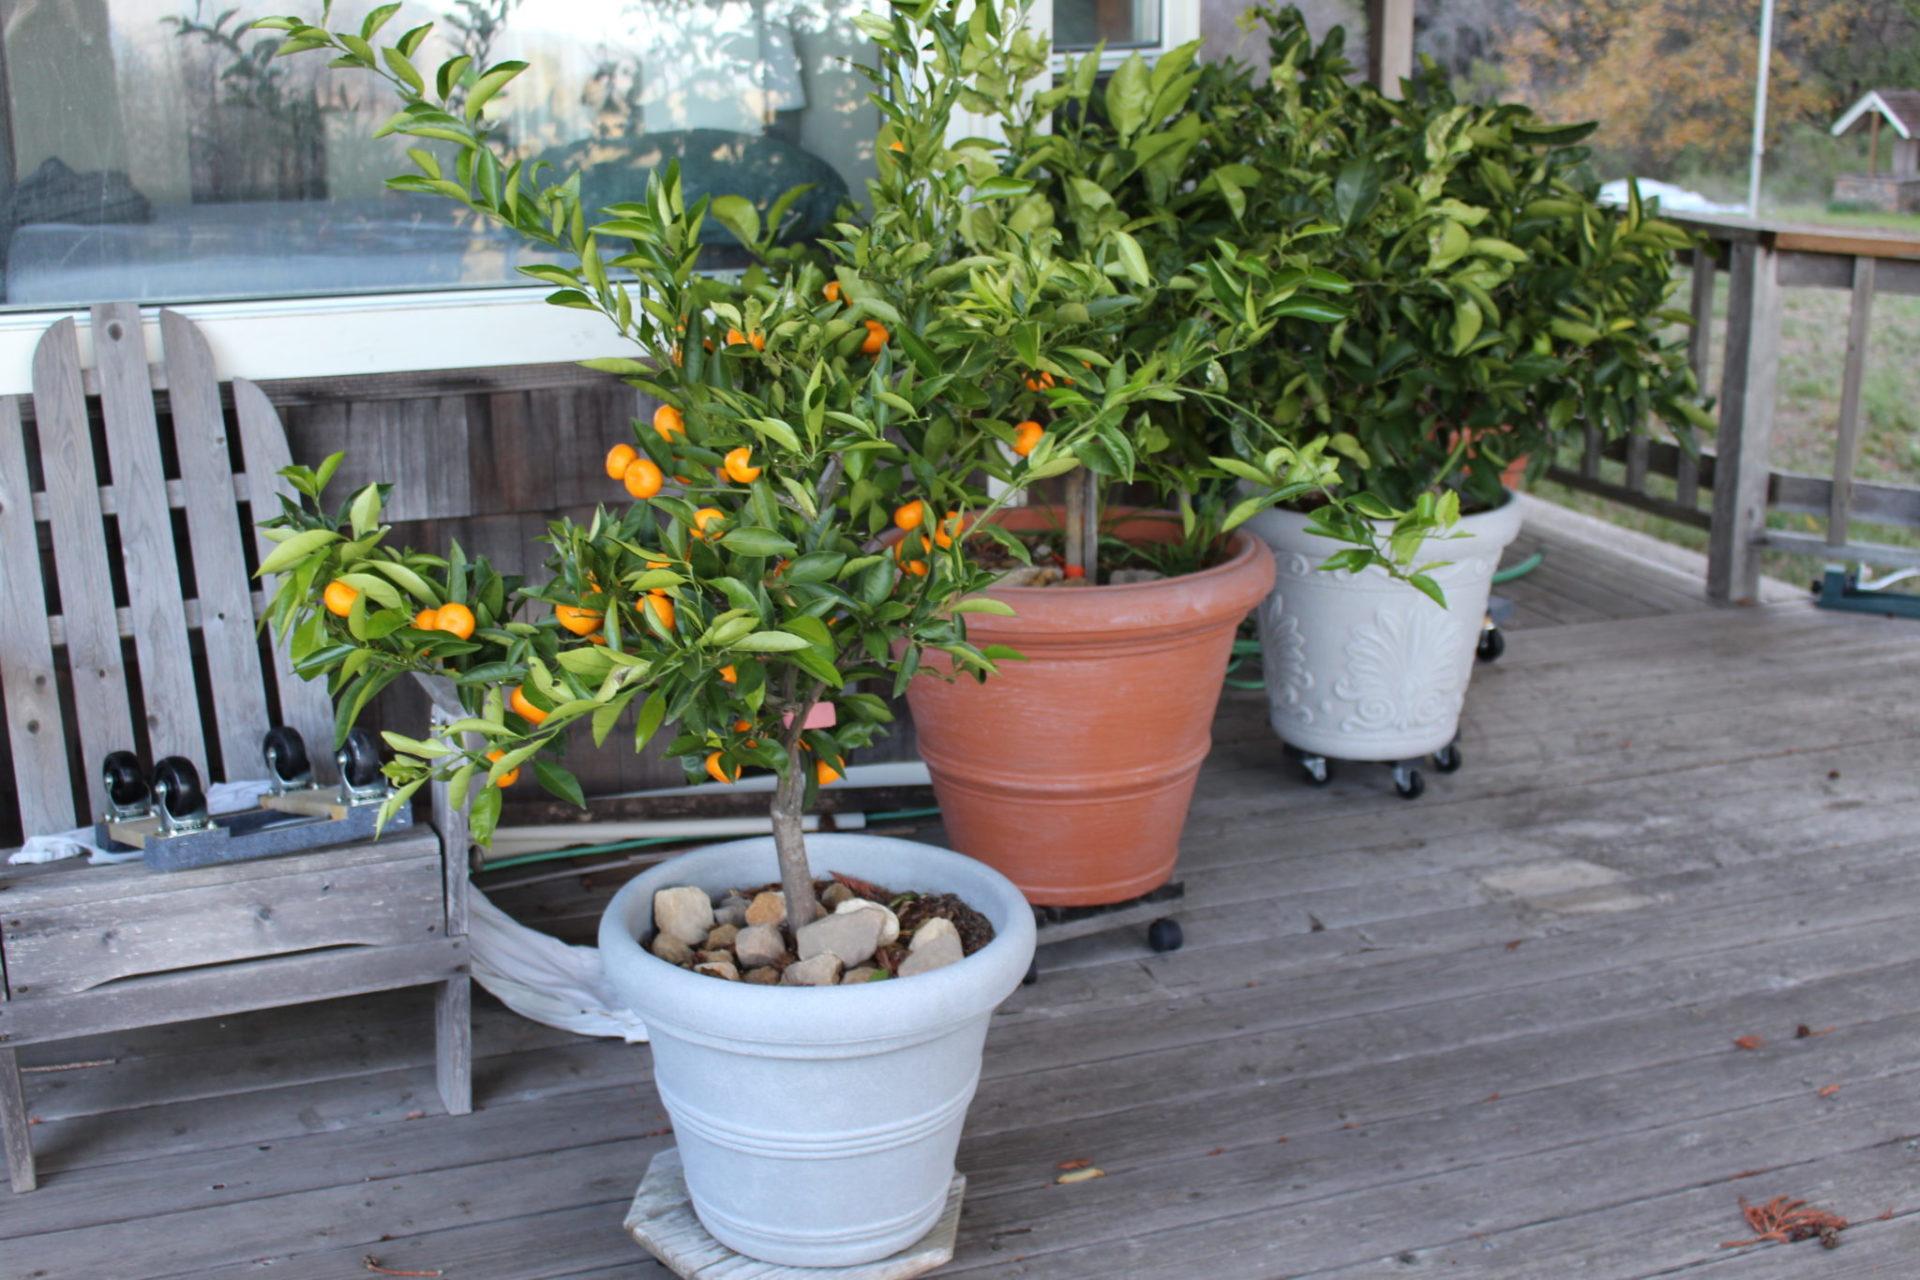 Формирование кроны лимона: обрезка, прищипка лимонного